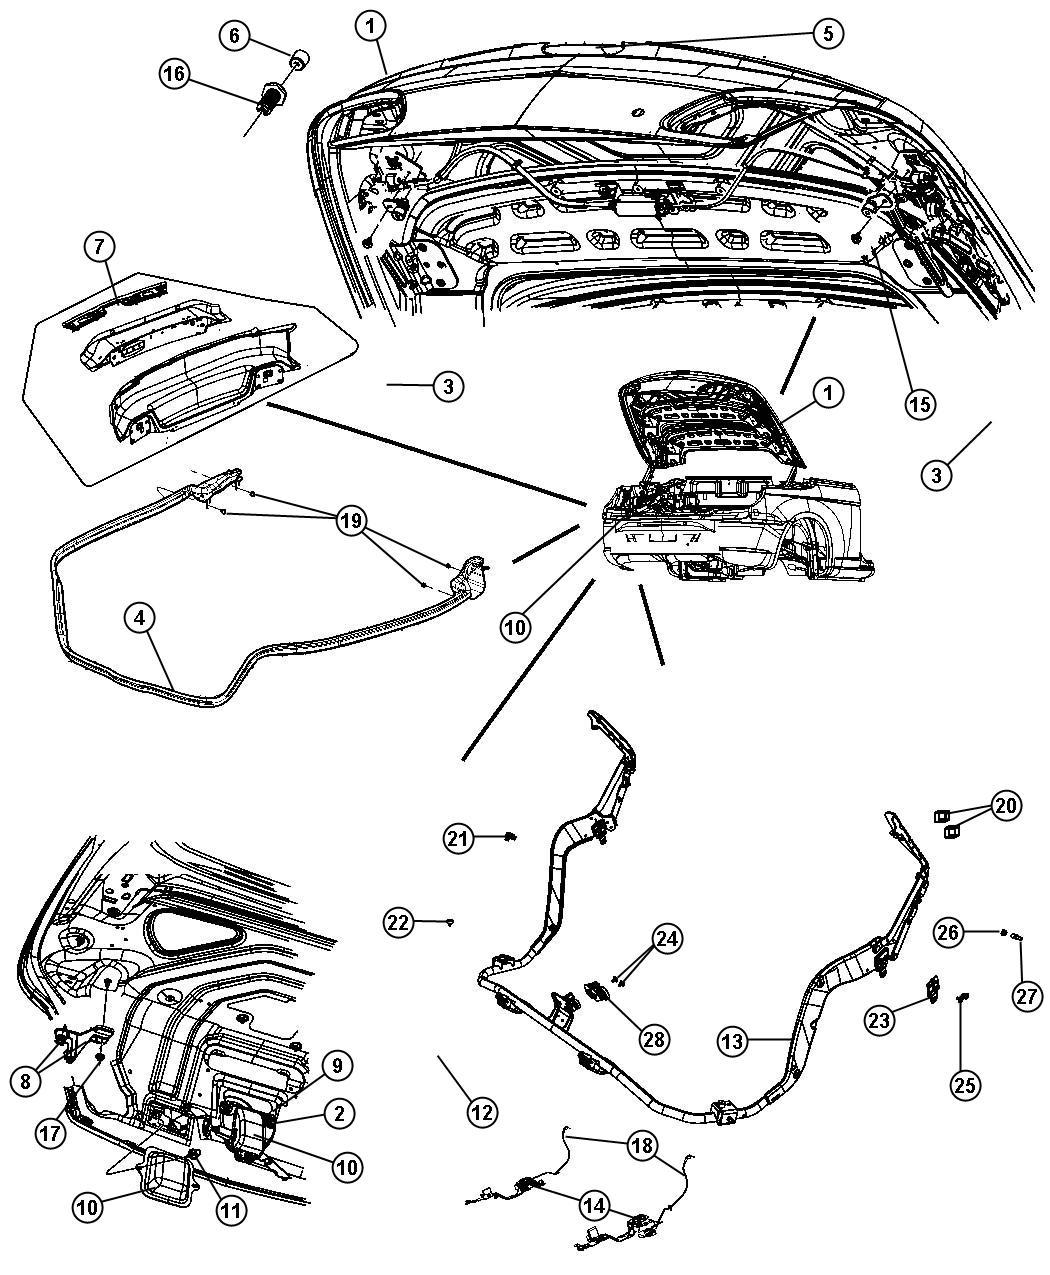 Chrysler Sebring Striker. Decklid latch. After 1/8/08